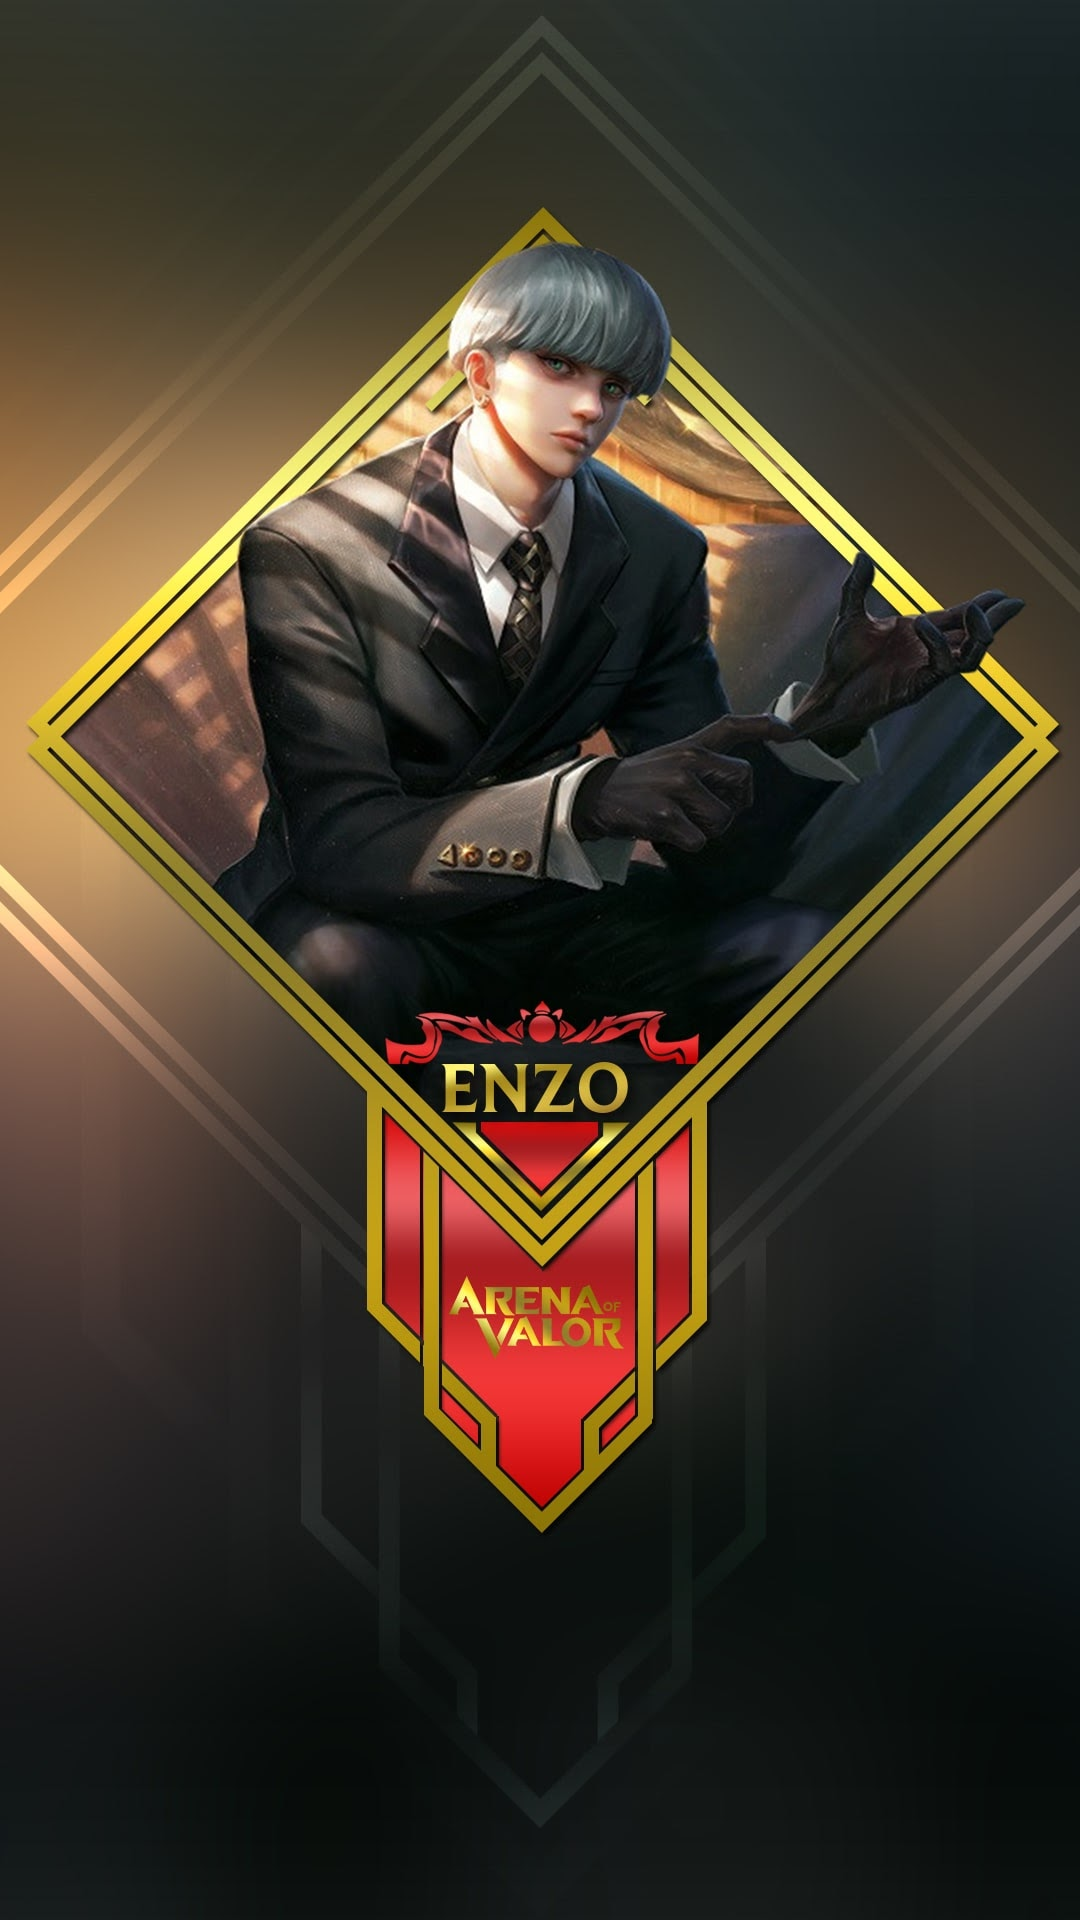 Hình nền liên quân Mobile cho điện thoại - Tướng Enzo